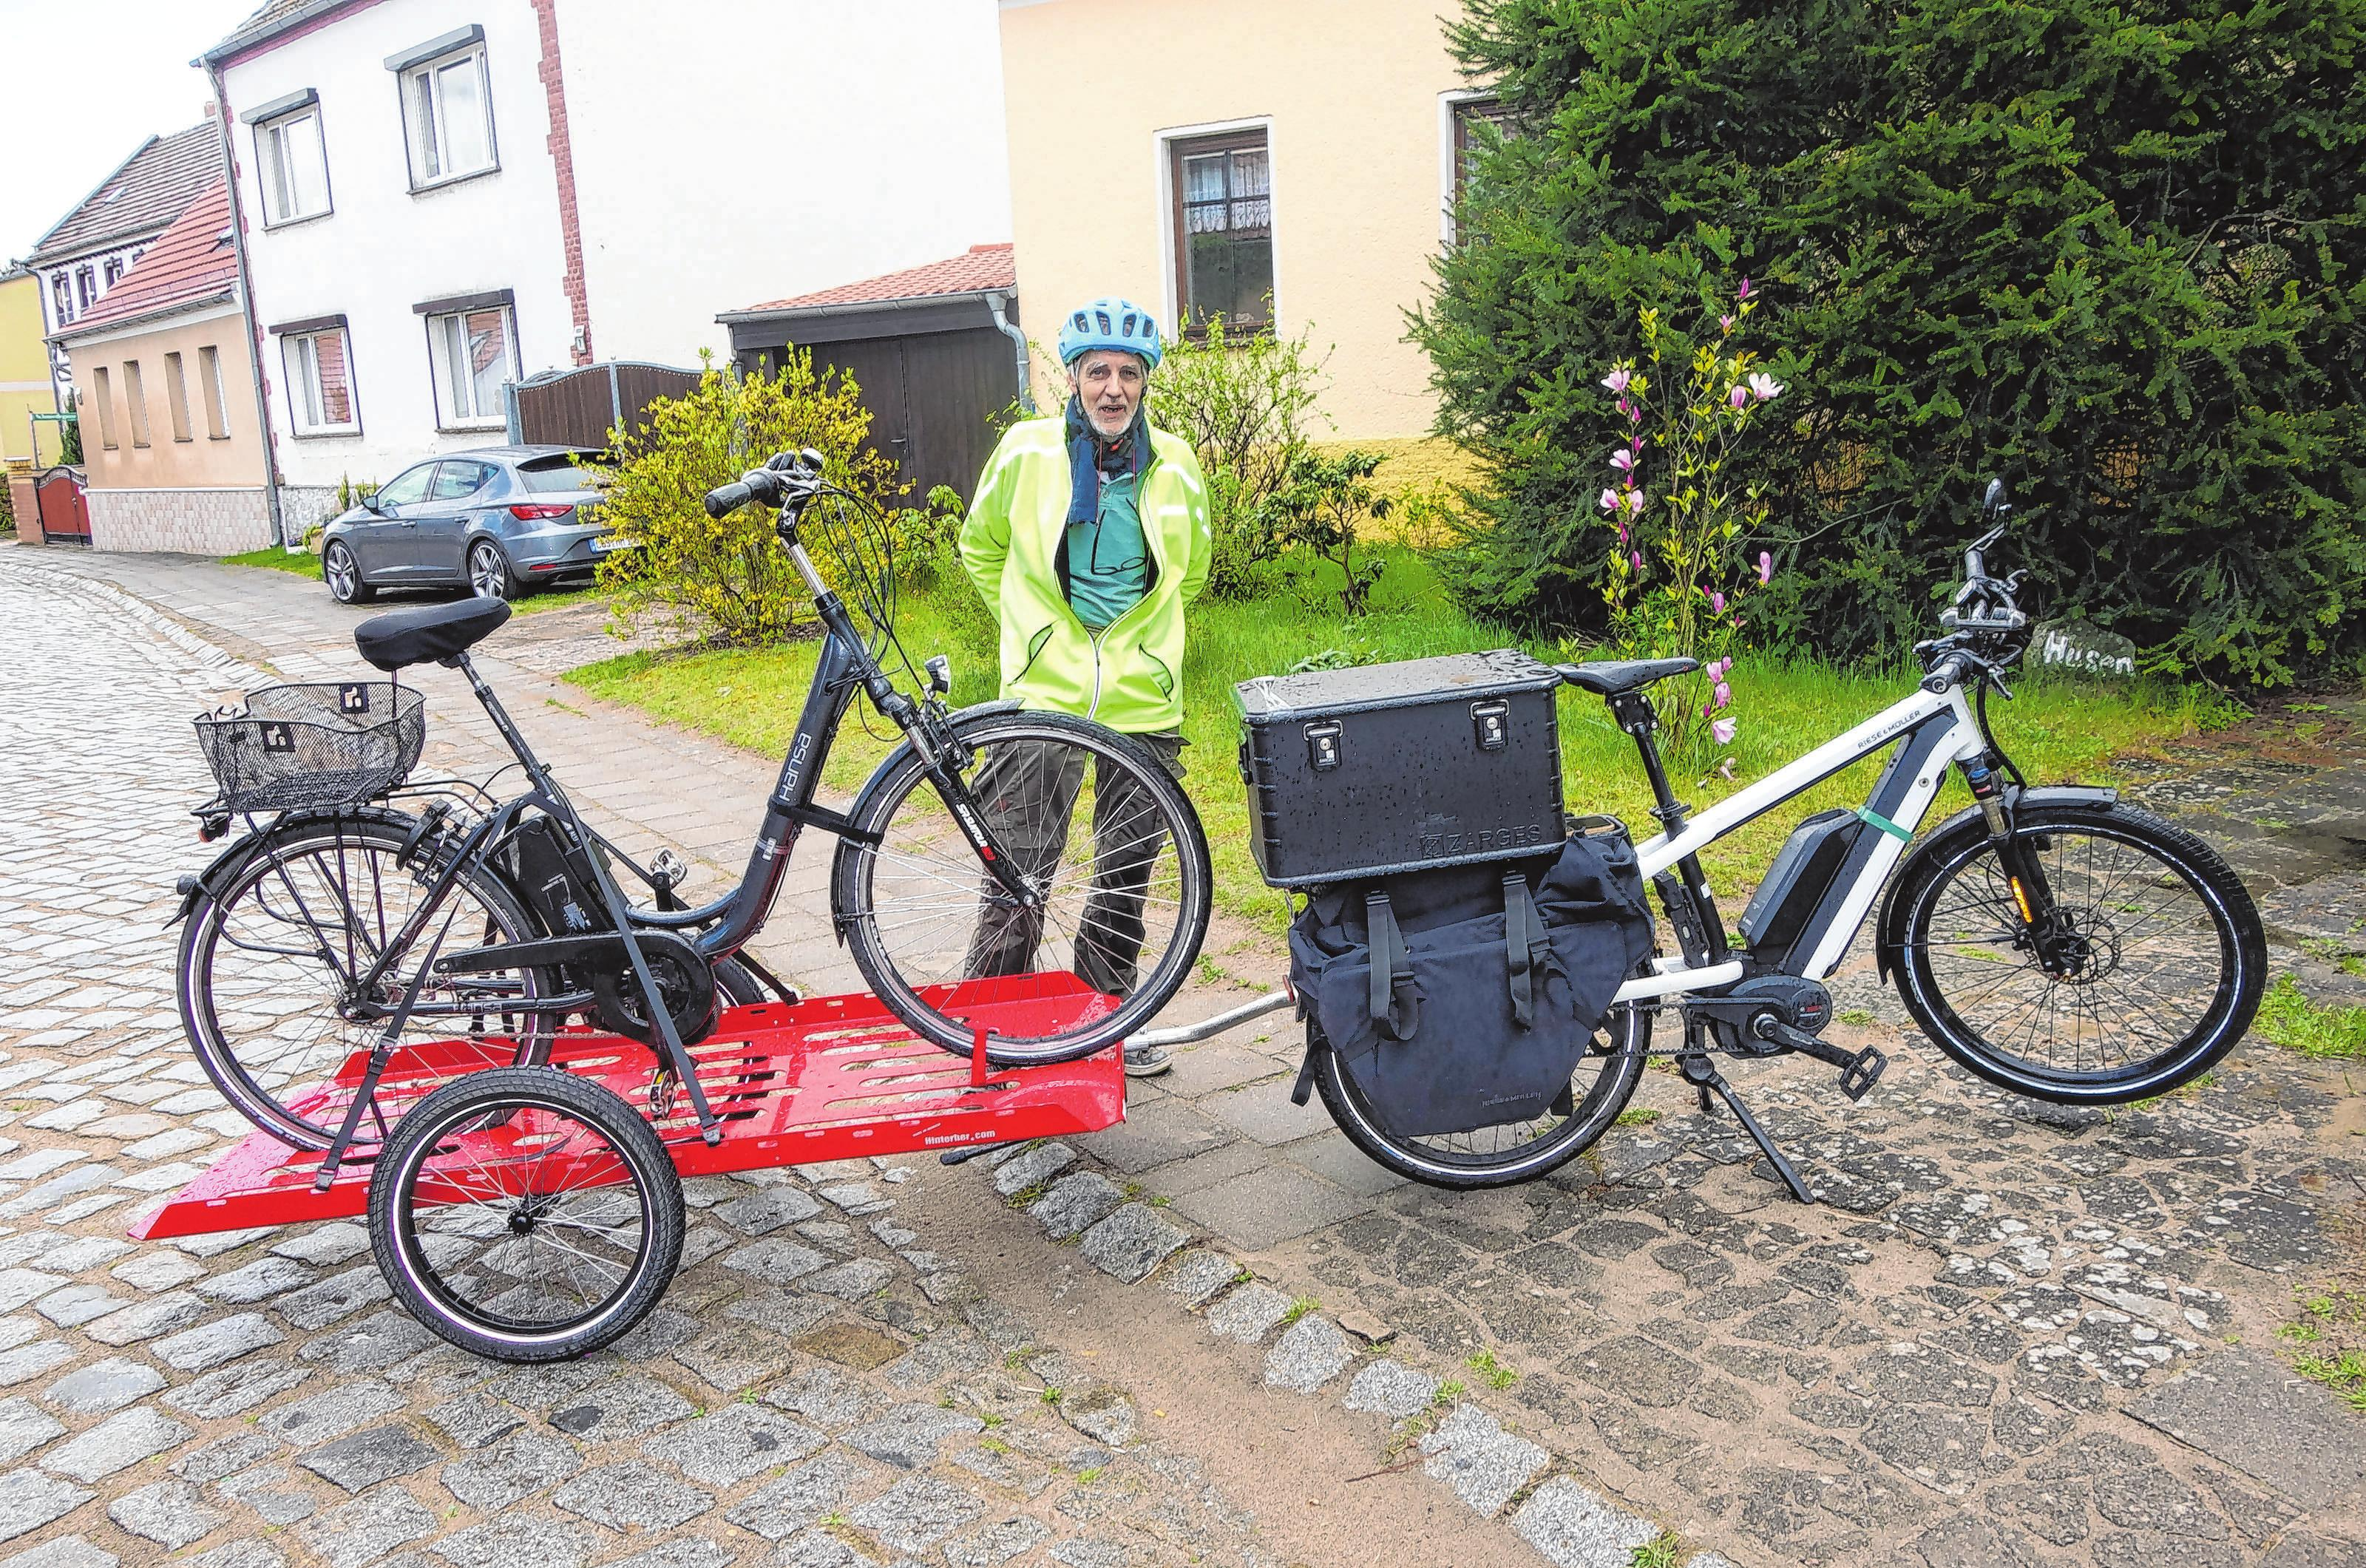 Bei Pannen fährt der Rüdersdorfer Peter Krech mit seinem E-Bike direkt zum Kunden, um vor Ort zu helfen. Seit drei Jahren betreibt es den mobilen Fahrrad-Service als Gewerbe. Foto: Jürgen Husen